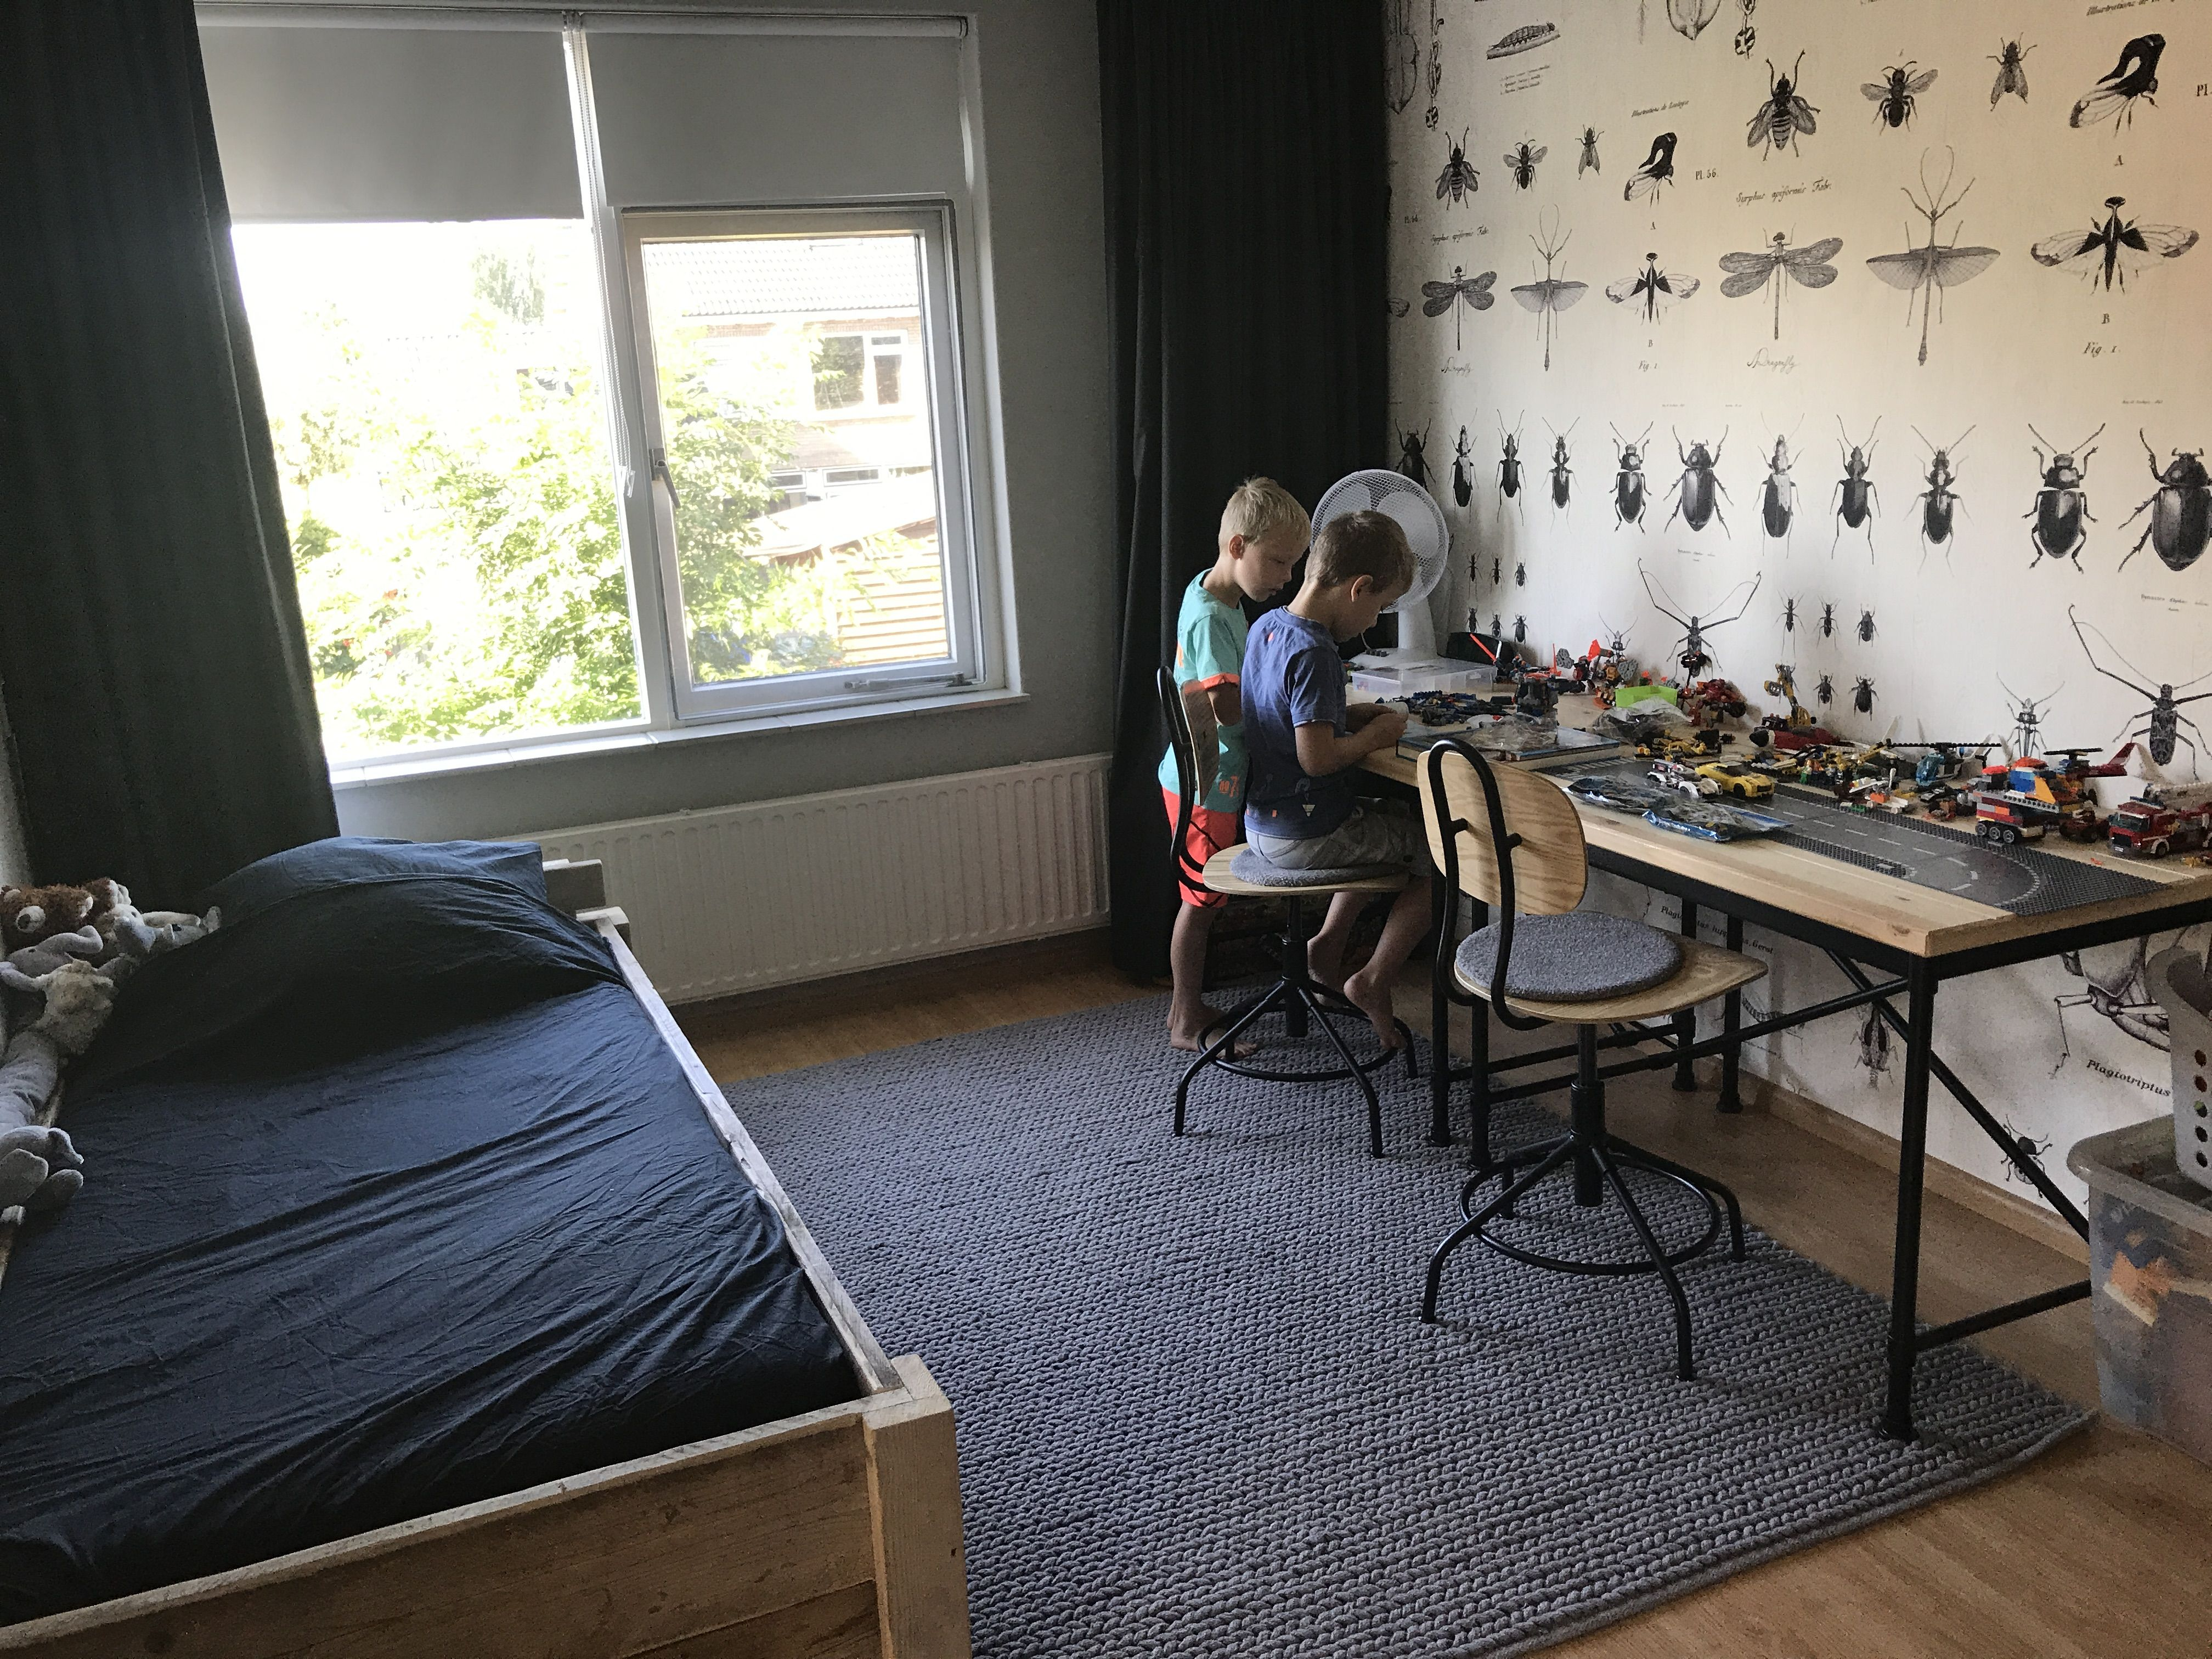 Slaapkamer jongen 7 jaar muren f&b pavilion grey behang onszelf